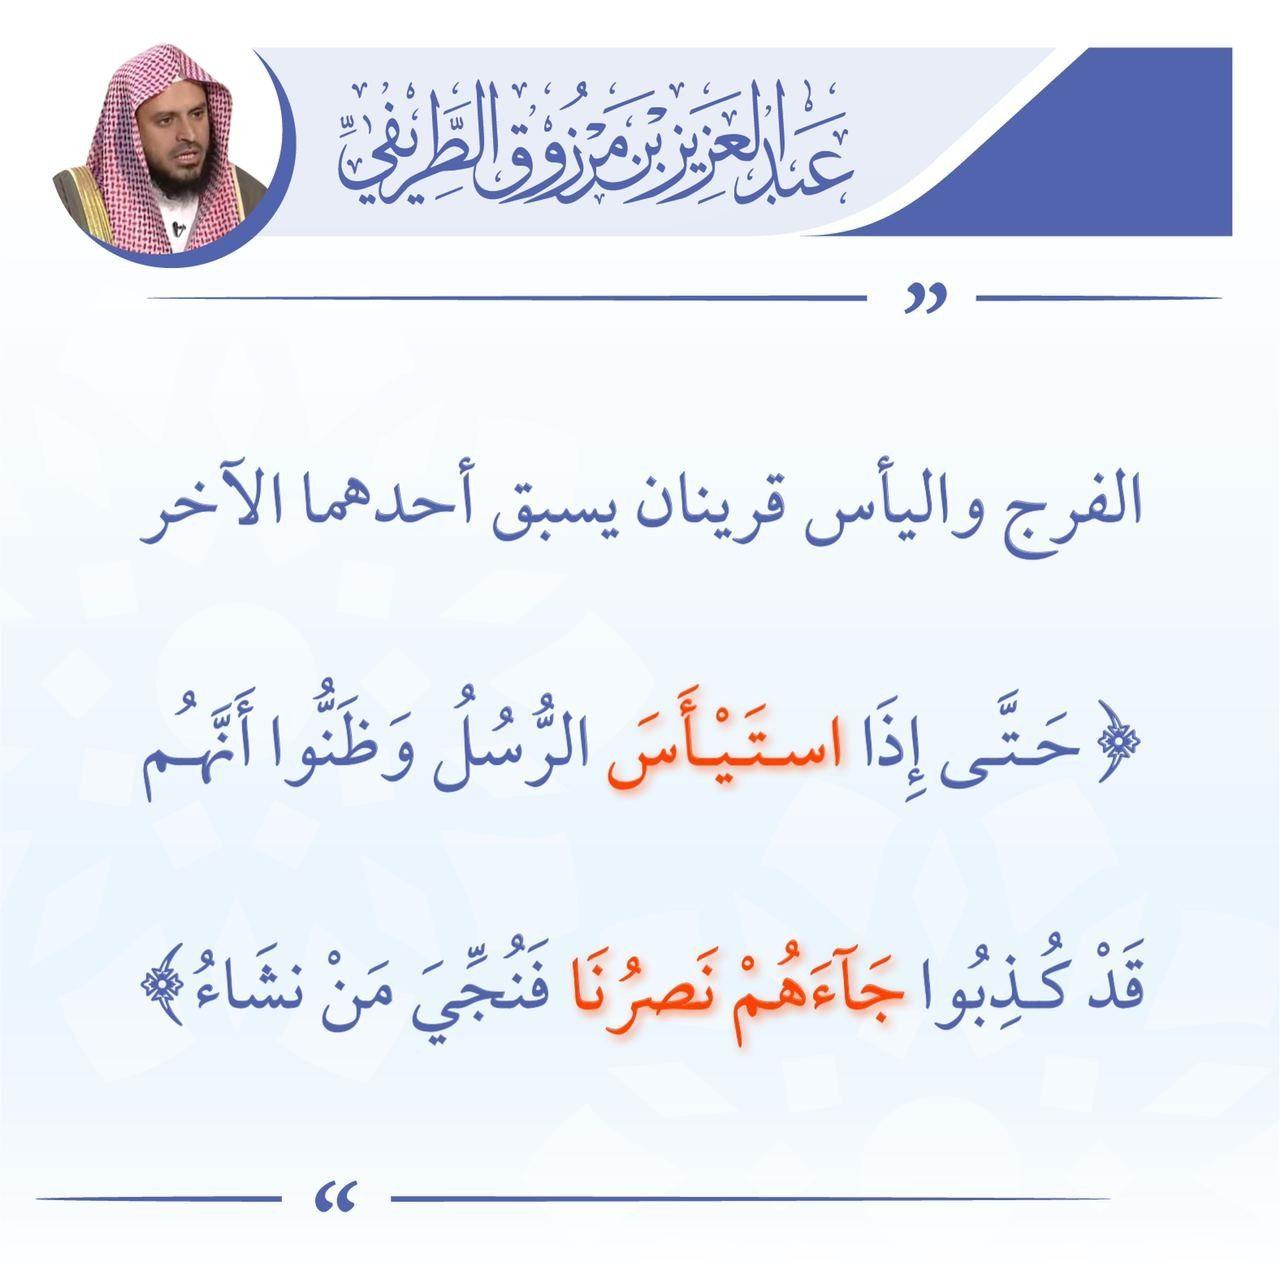 الفرج اليأس In 2021 Islamic Quotes Quotes Islam